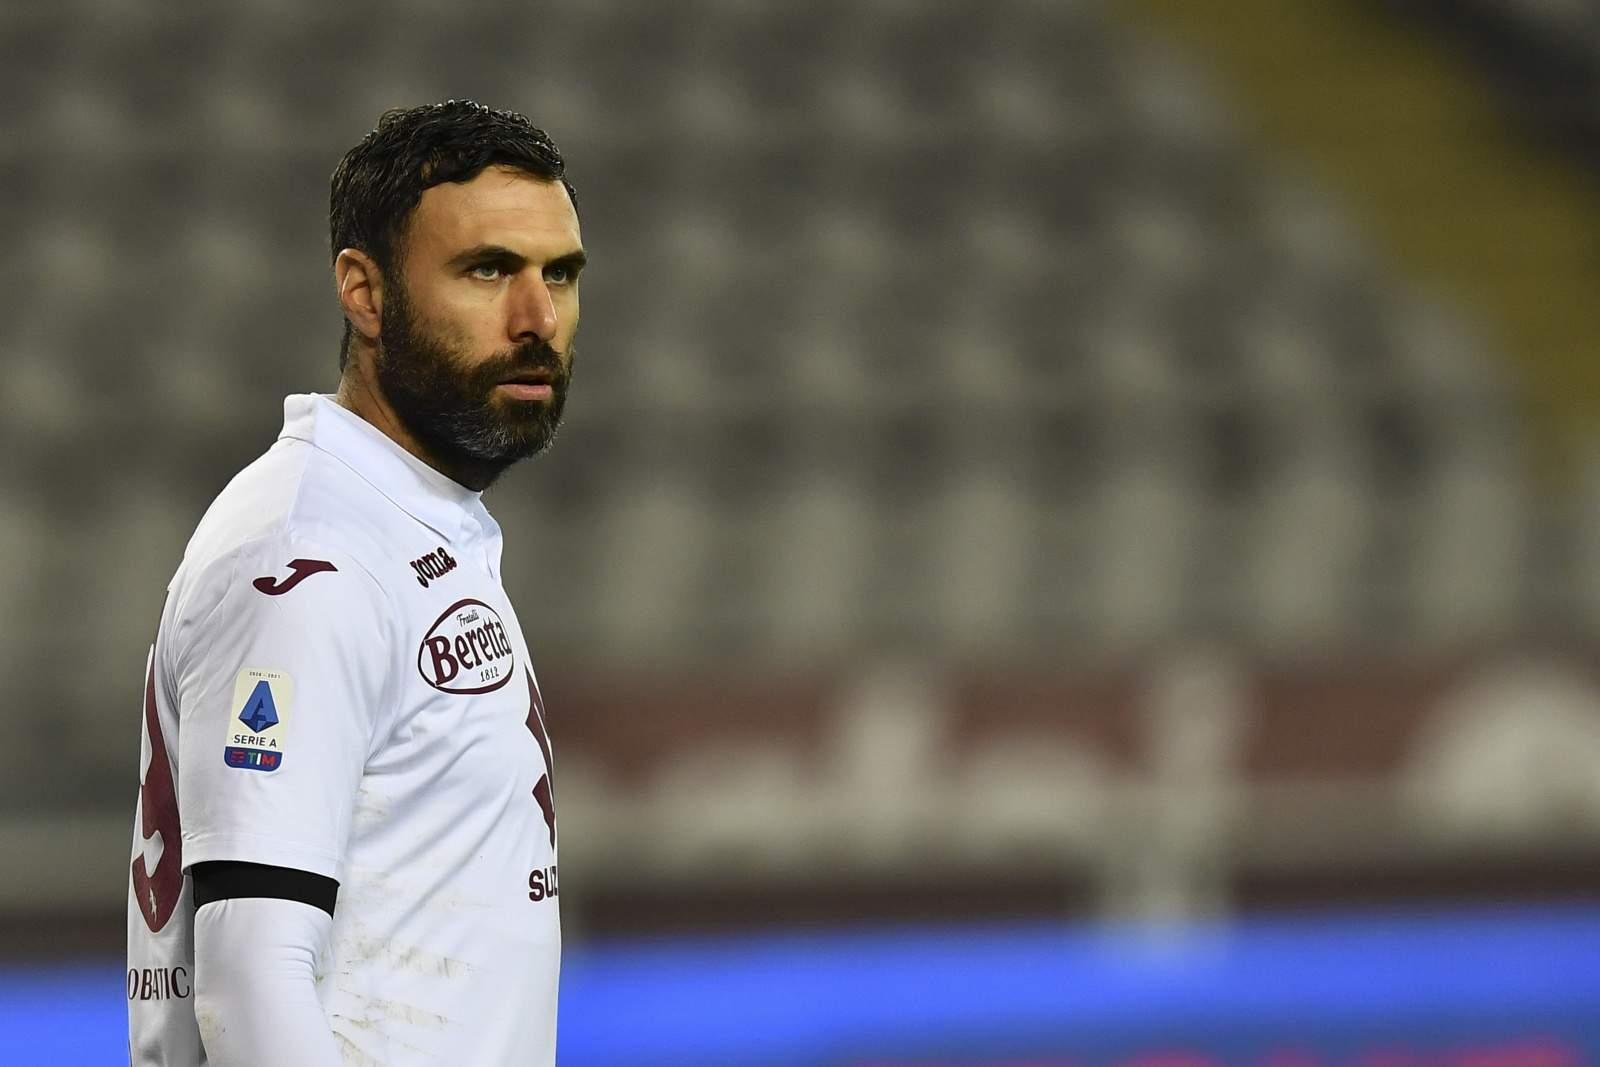 Вратарь «Торино» - одноклубникам: «Вам нравится играть как ***?»